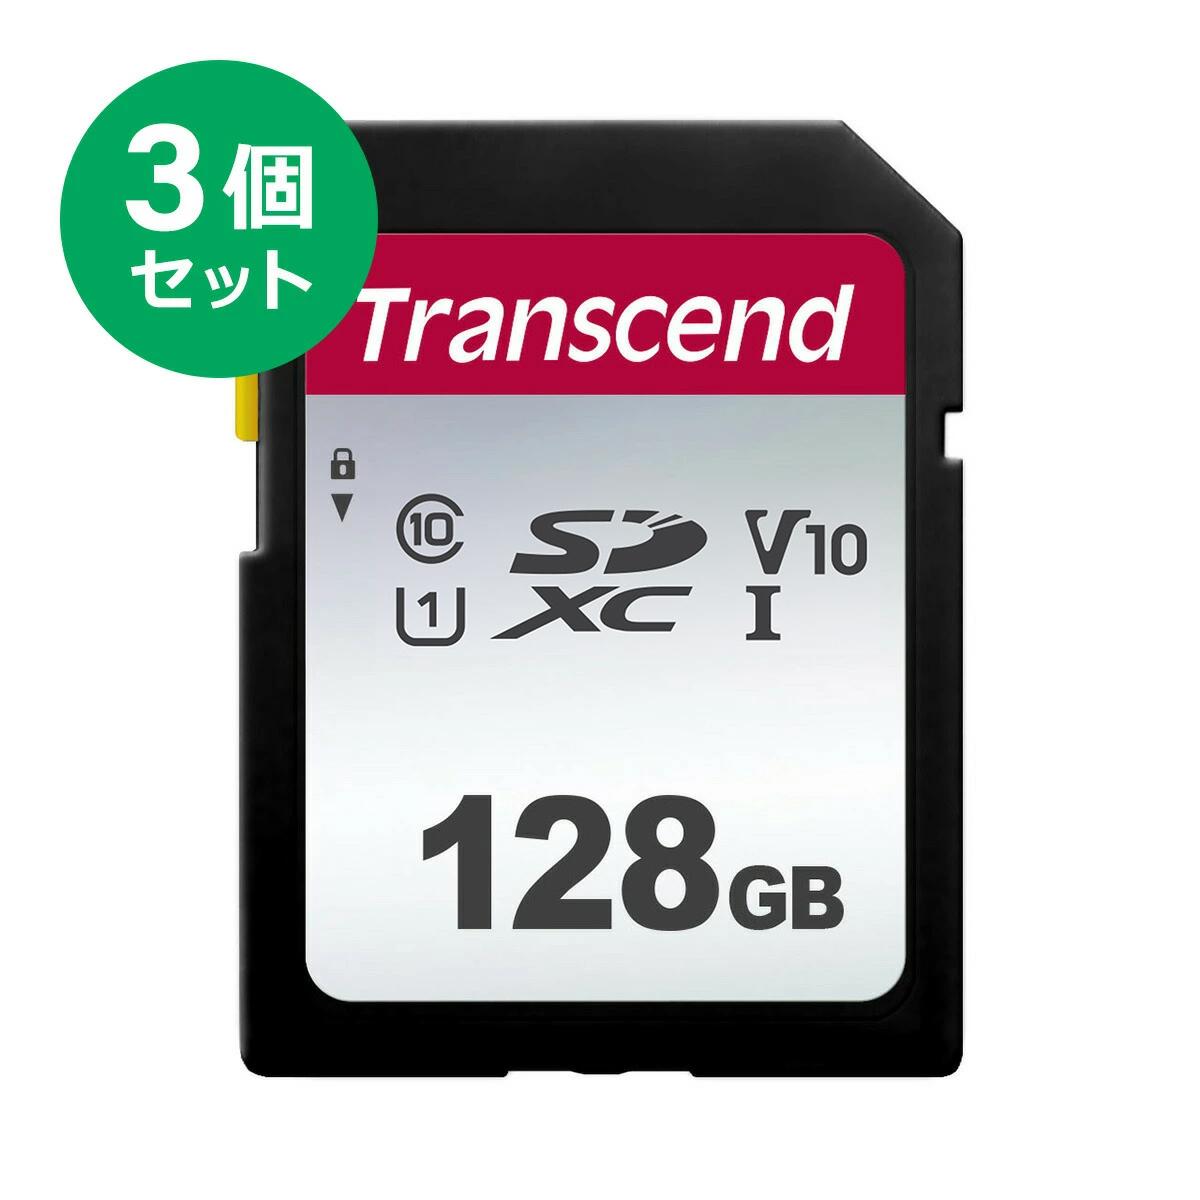 Transcend SDカード 128GB Class10 Class10 UHS-I U3 V30 SDXCカード 5年保証 メモリーカード クラス10 入学 卒業